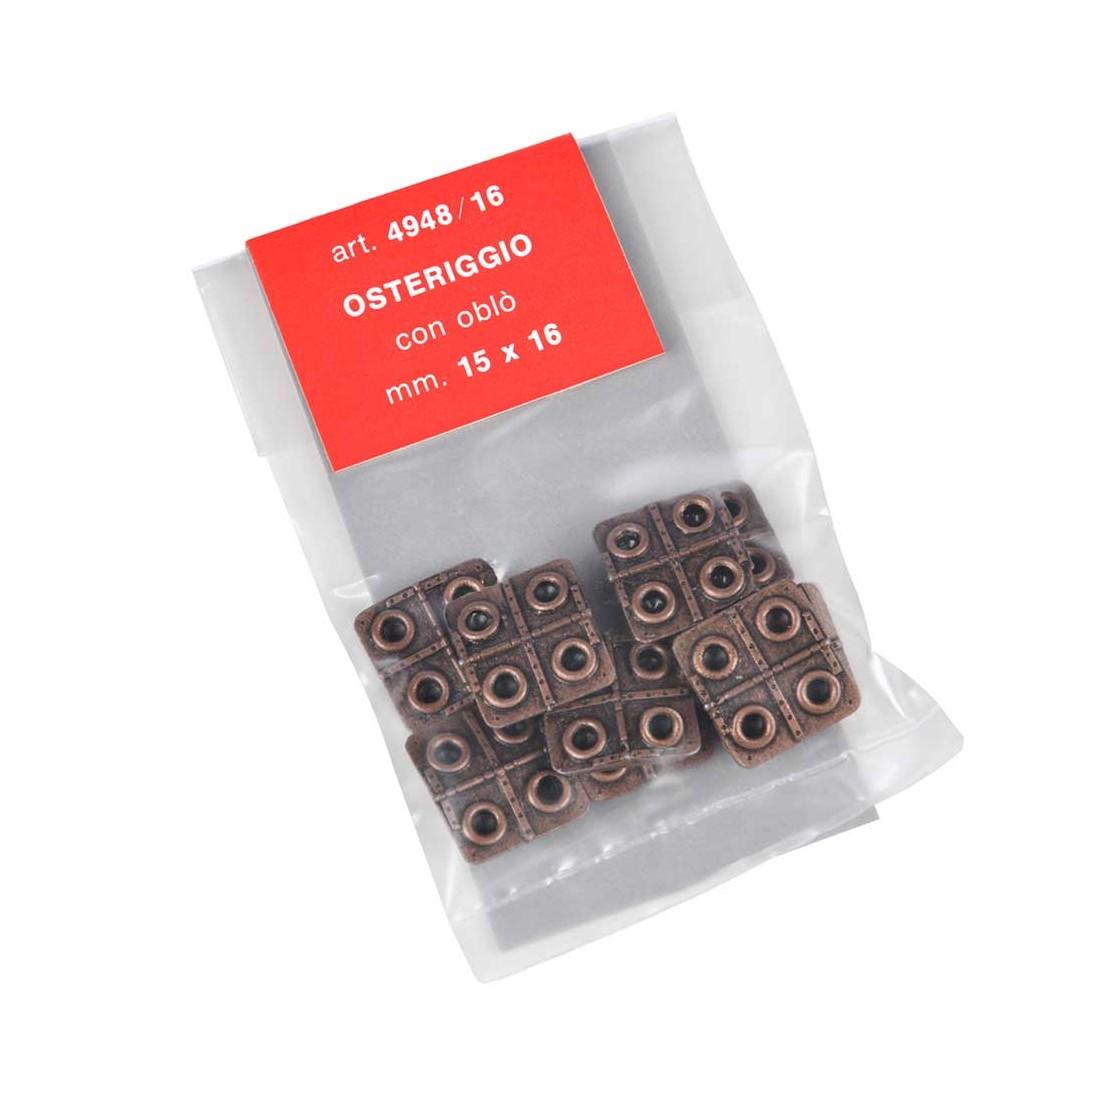 Osteriggi in metallo mm.  15x16